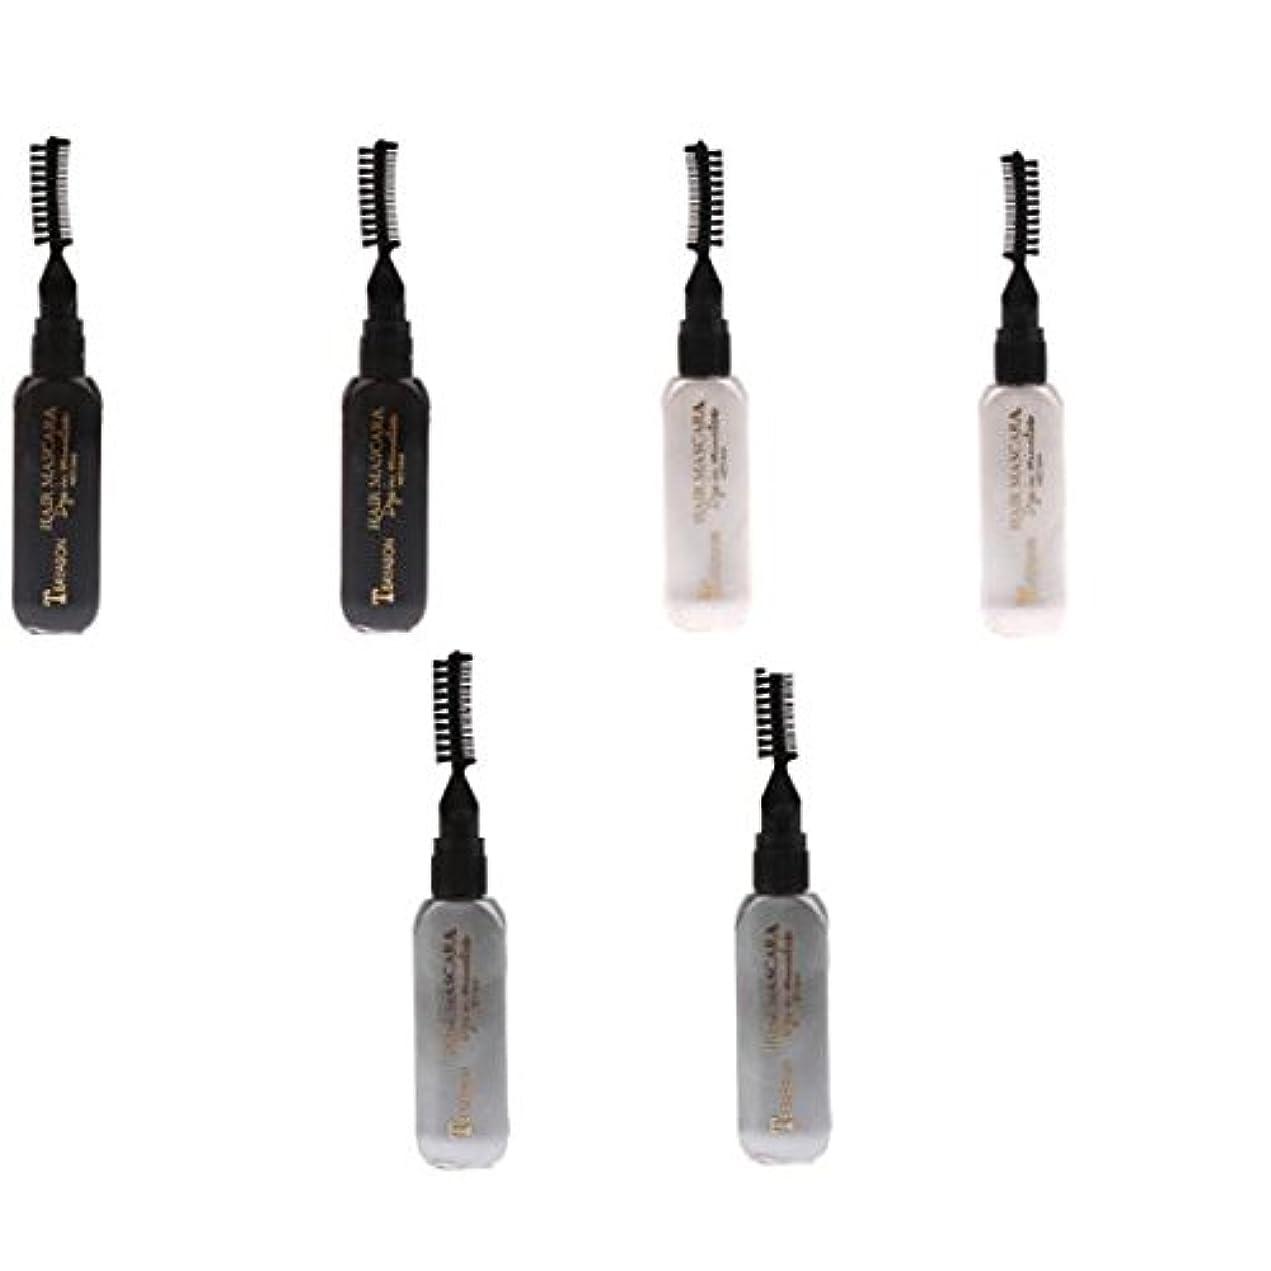 シール解決商品Perfk ディスポーザブル ヘアカラー マスカラ カラーチョーク 染料 ティント ハイライト マスカラ 6個